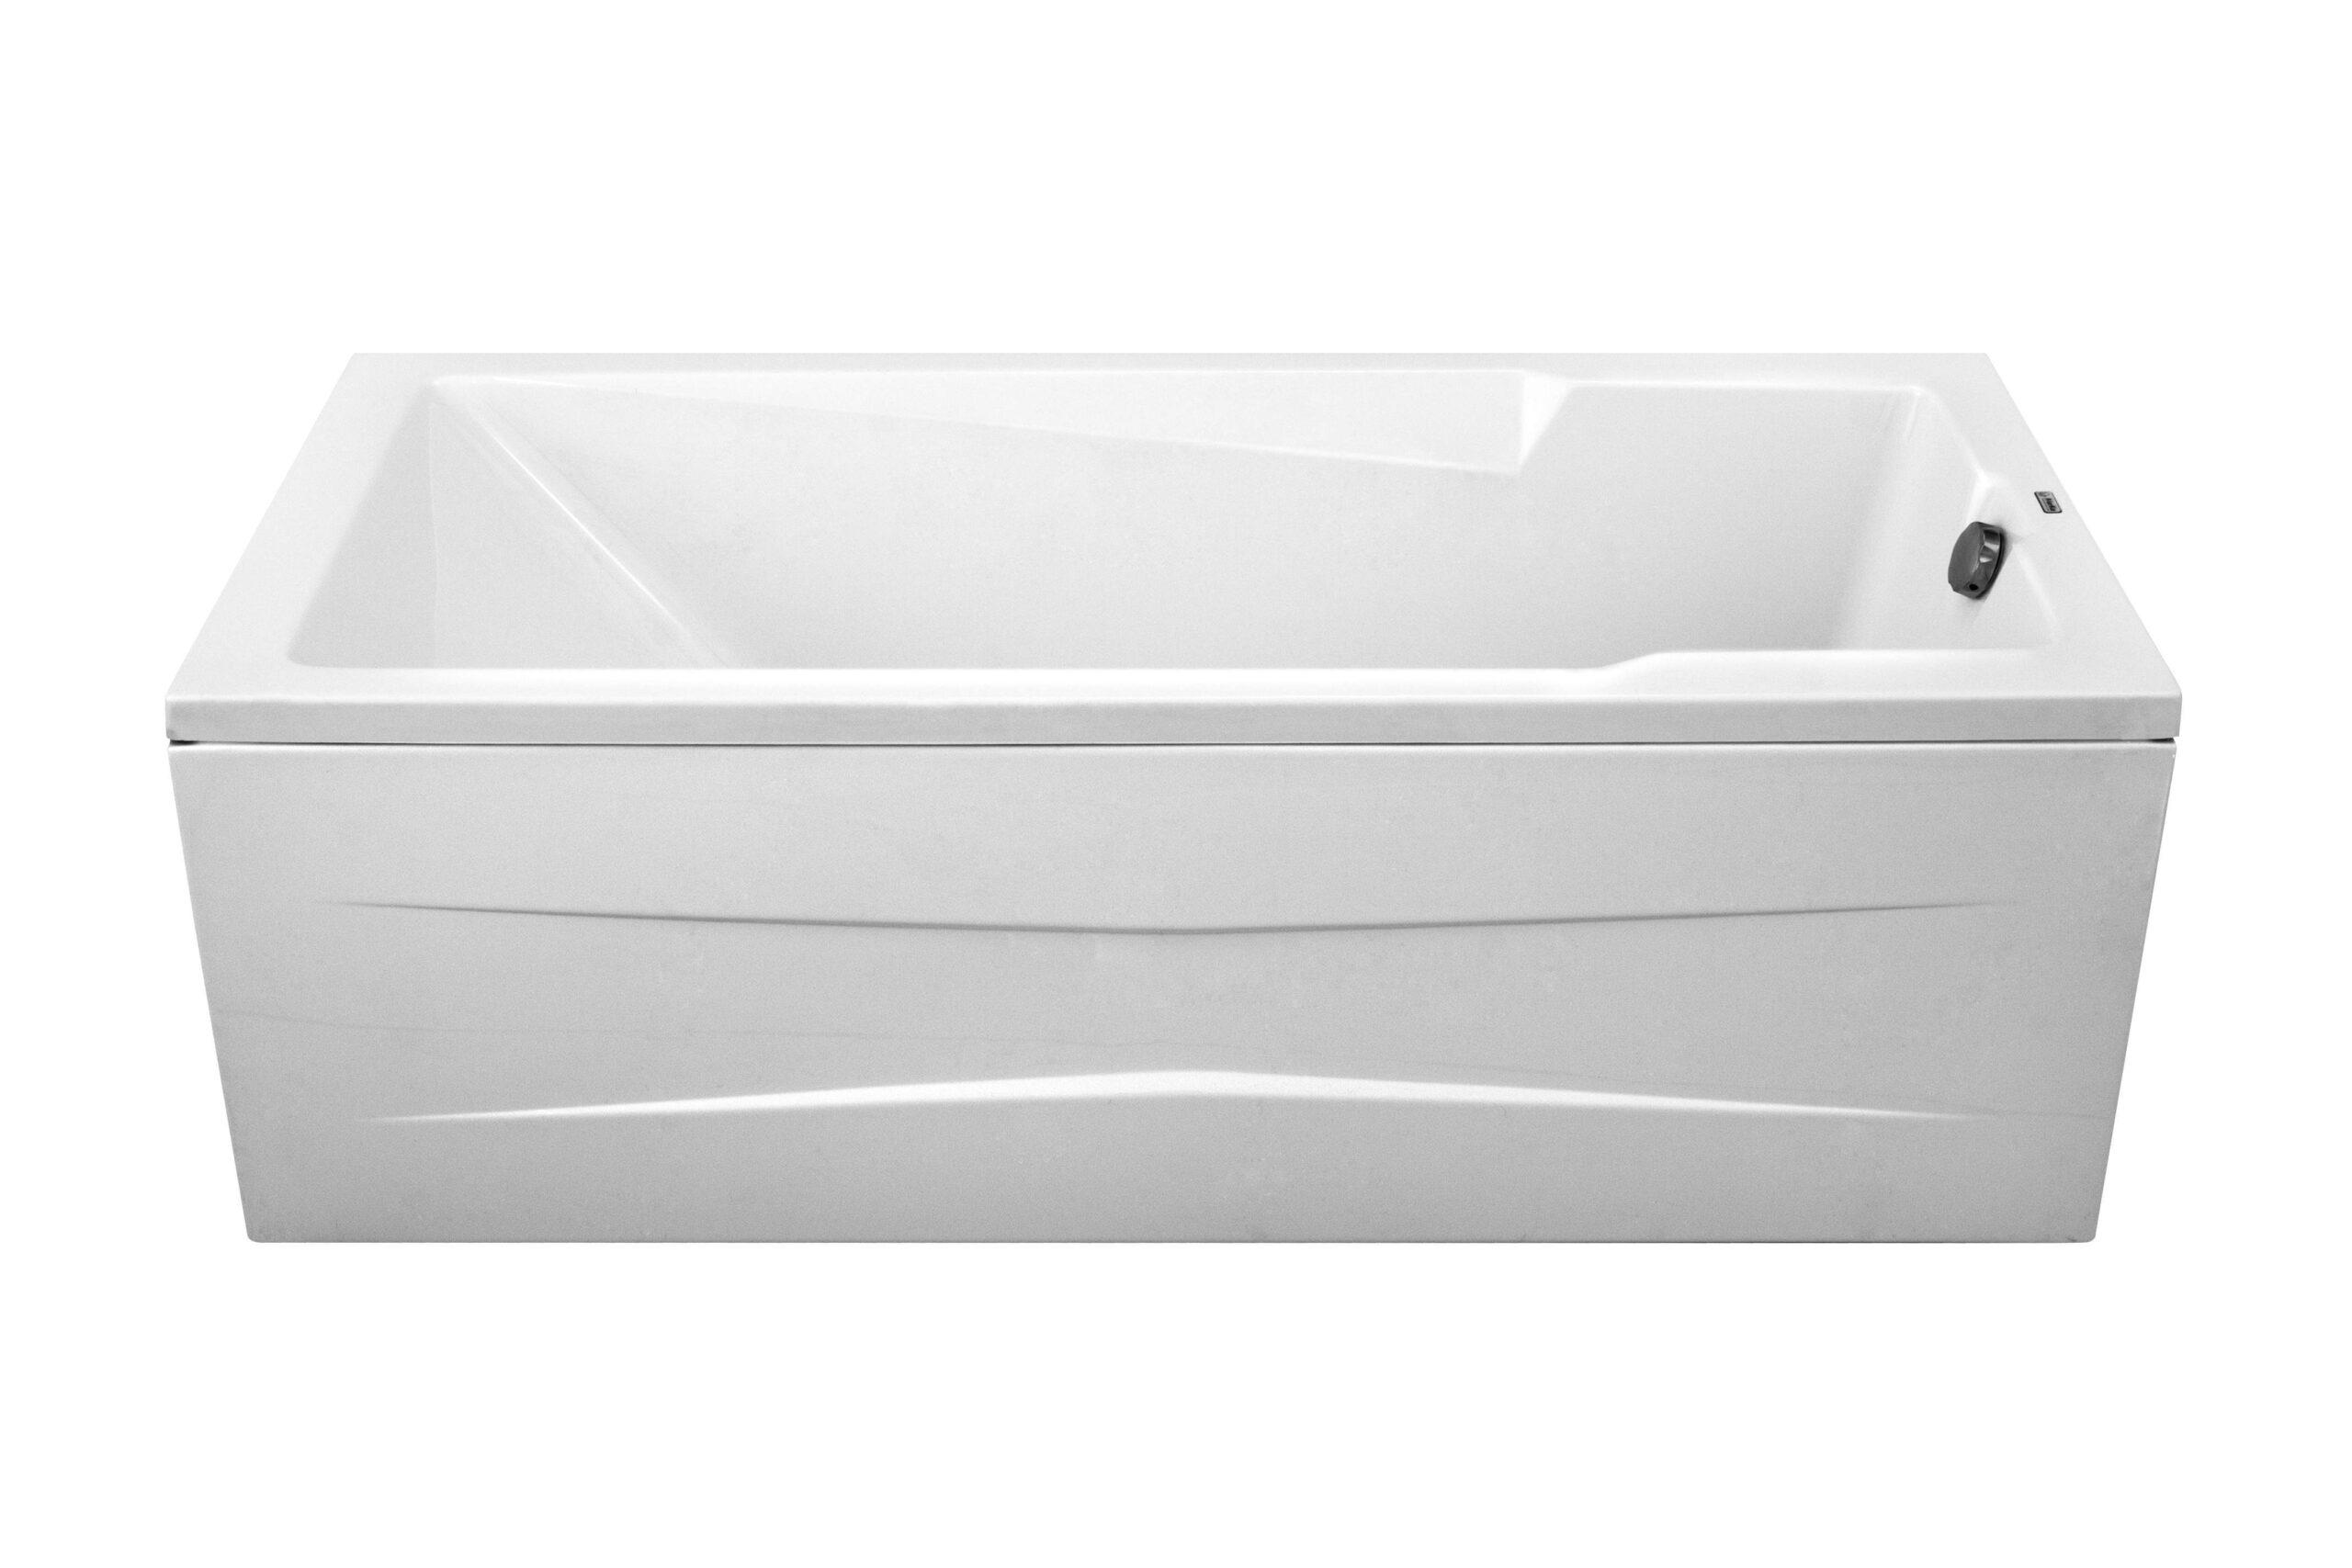 Акриловая ванна MarkaOne Raguza 180*80